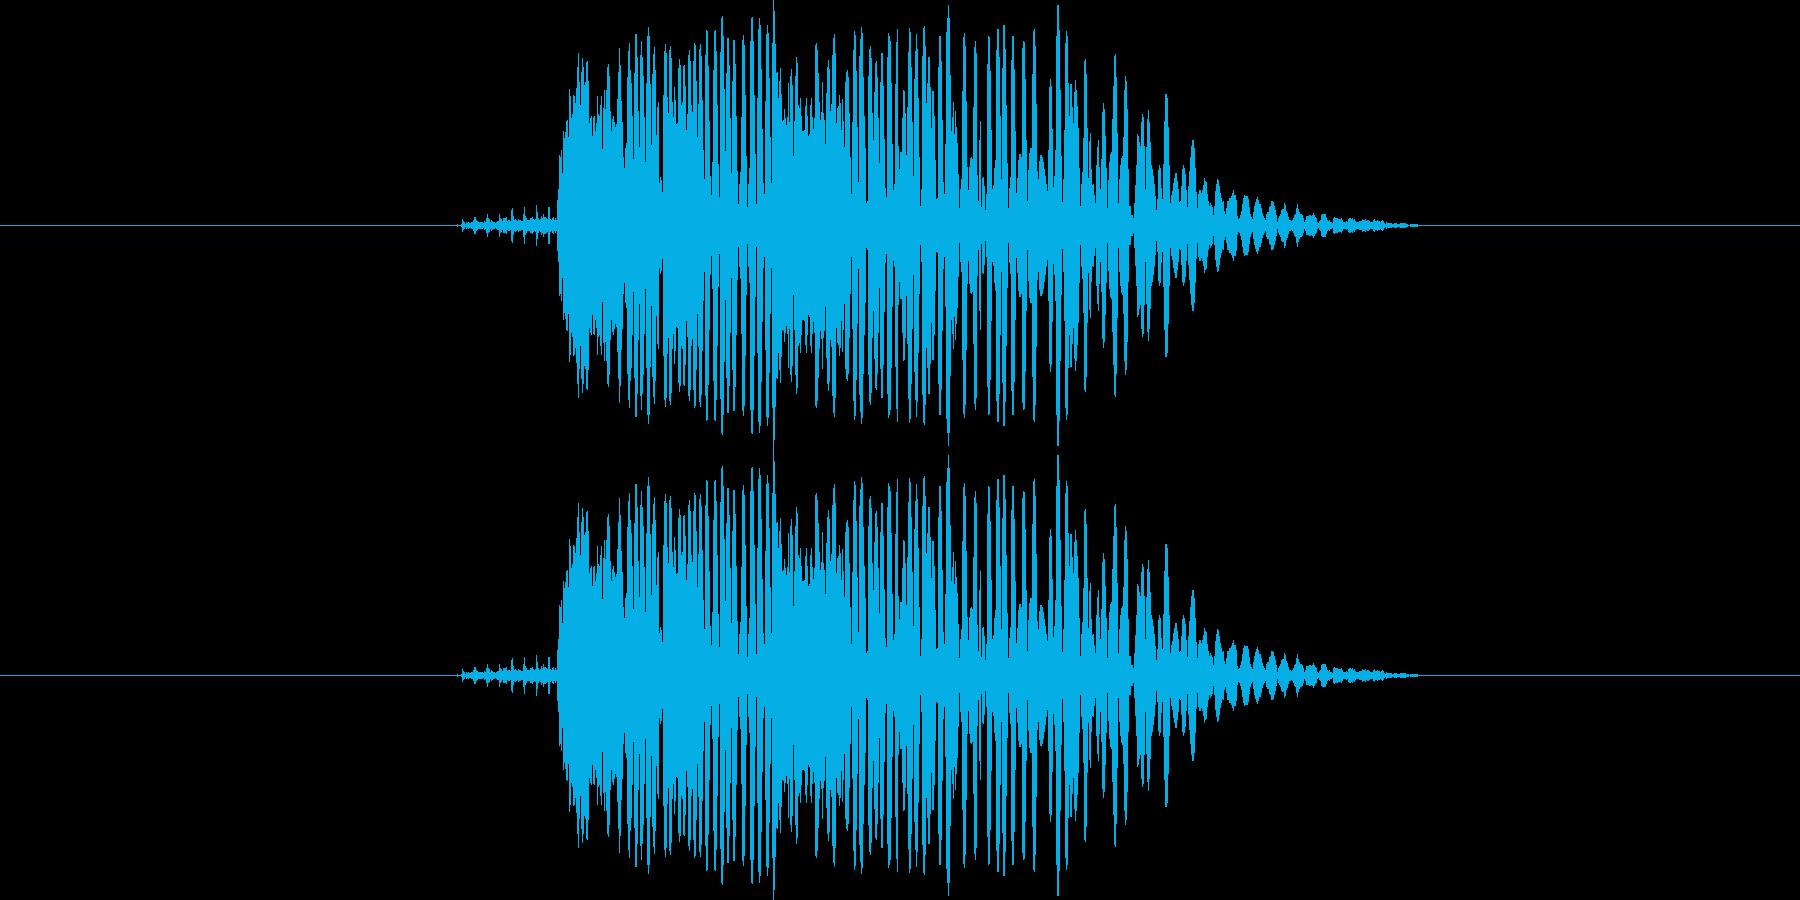 ガコン(シーンチェンジ音)の再生済みの波形